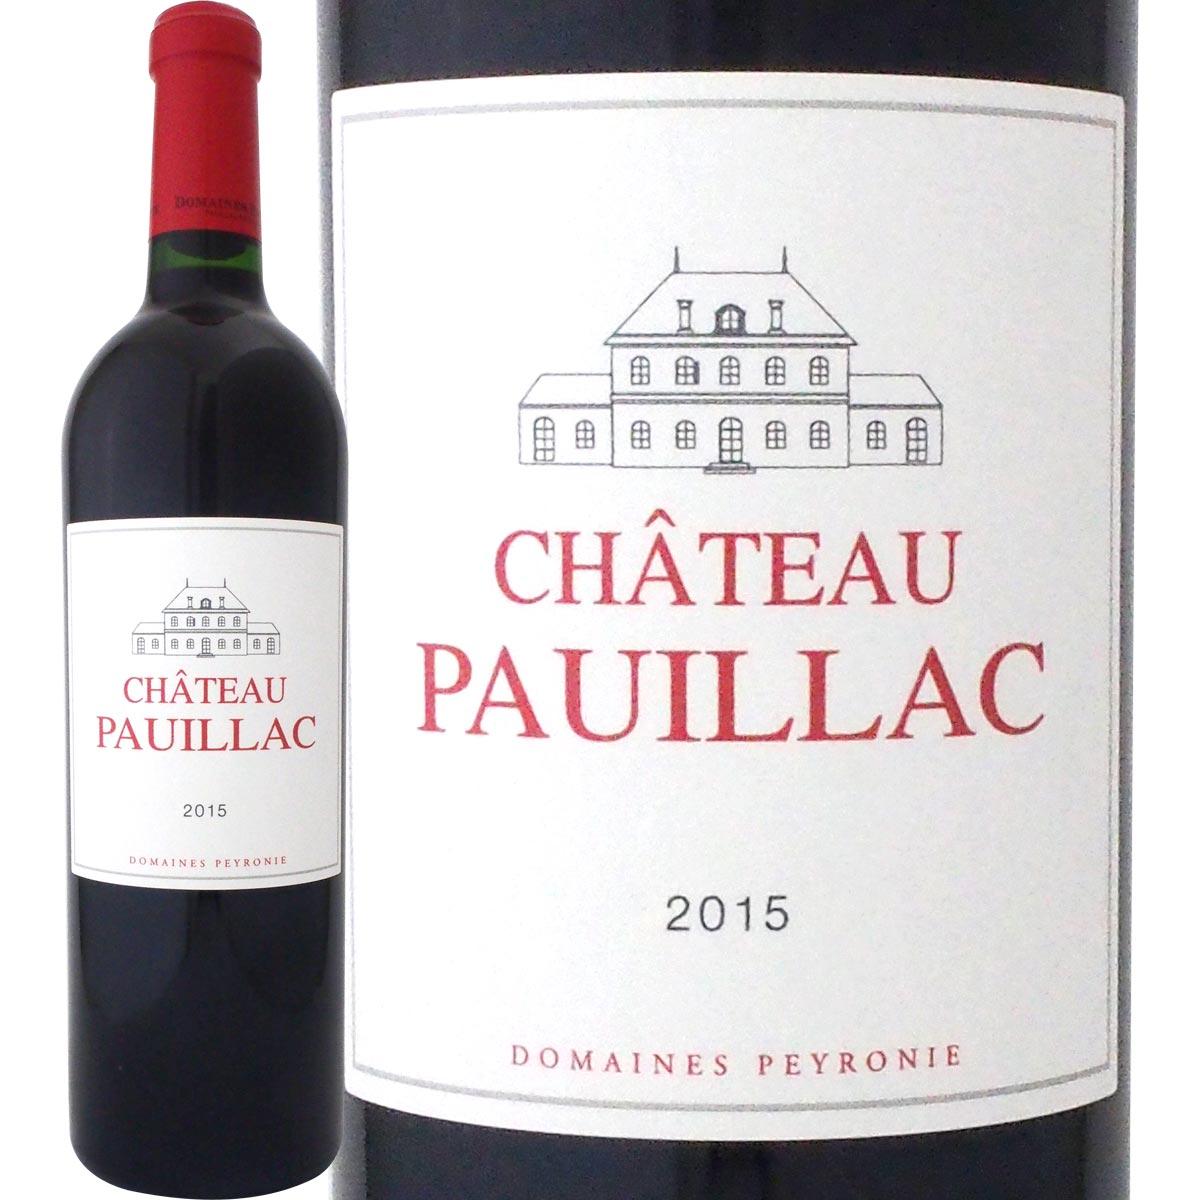 シャトー・ポイヤック 2015フランス 赤ワイン 750ml ミディアムボディ寄りのフルボディ 辛口